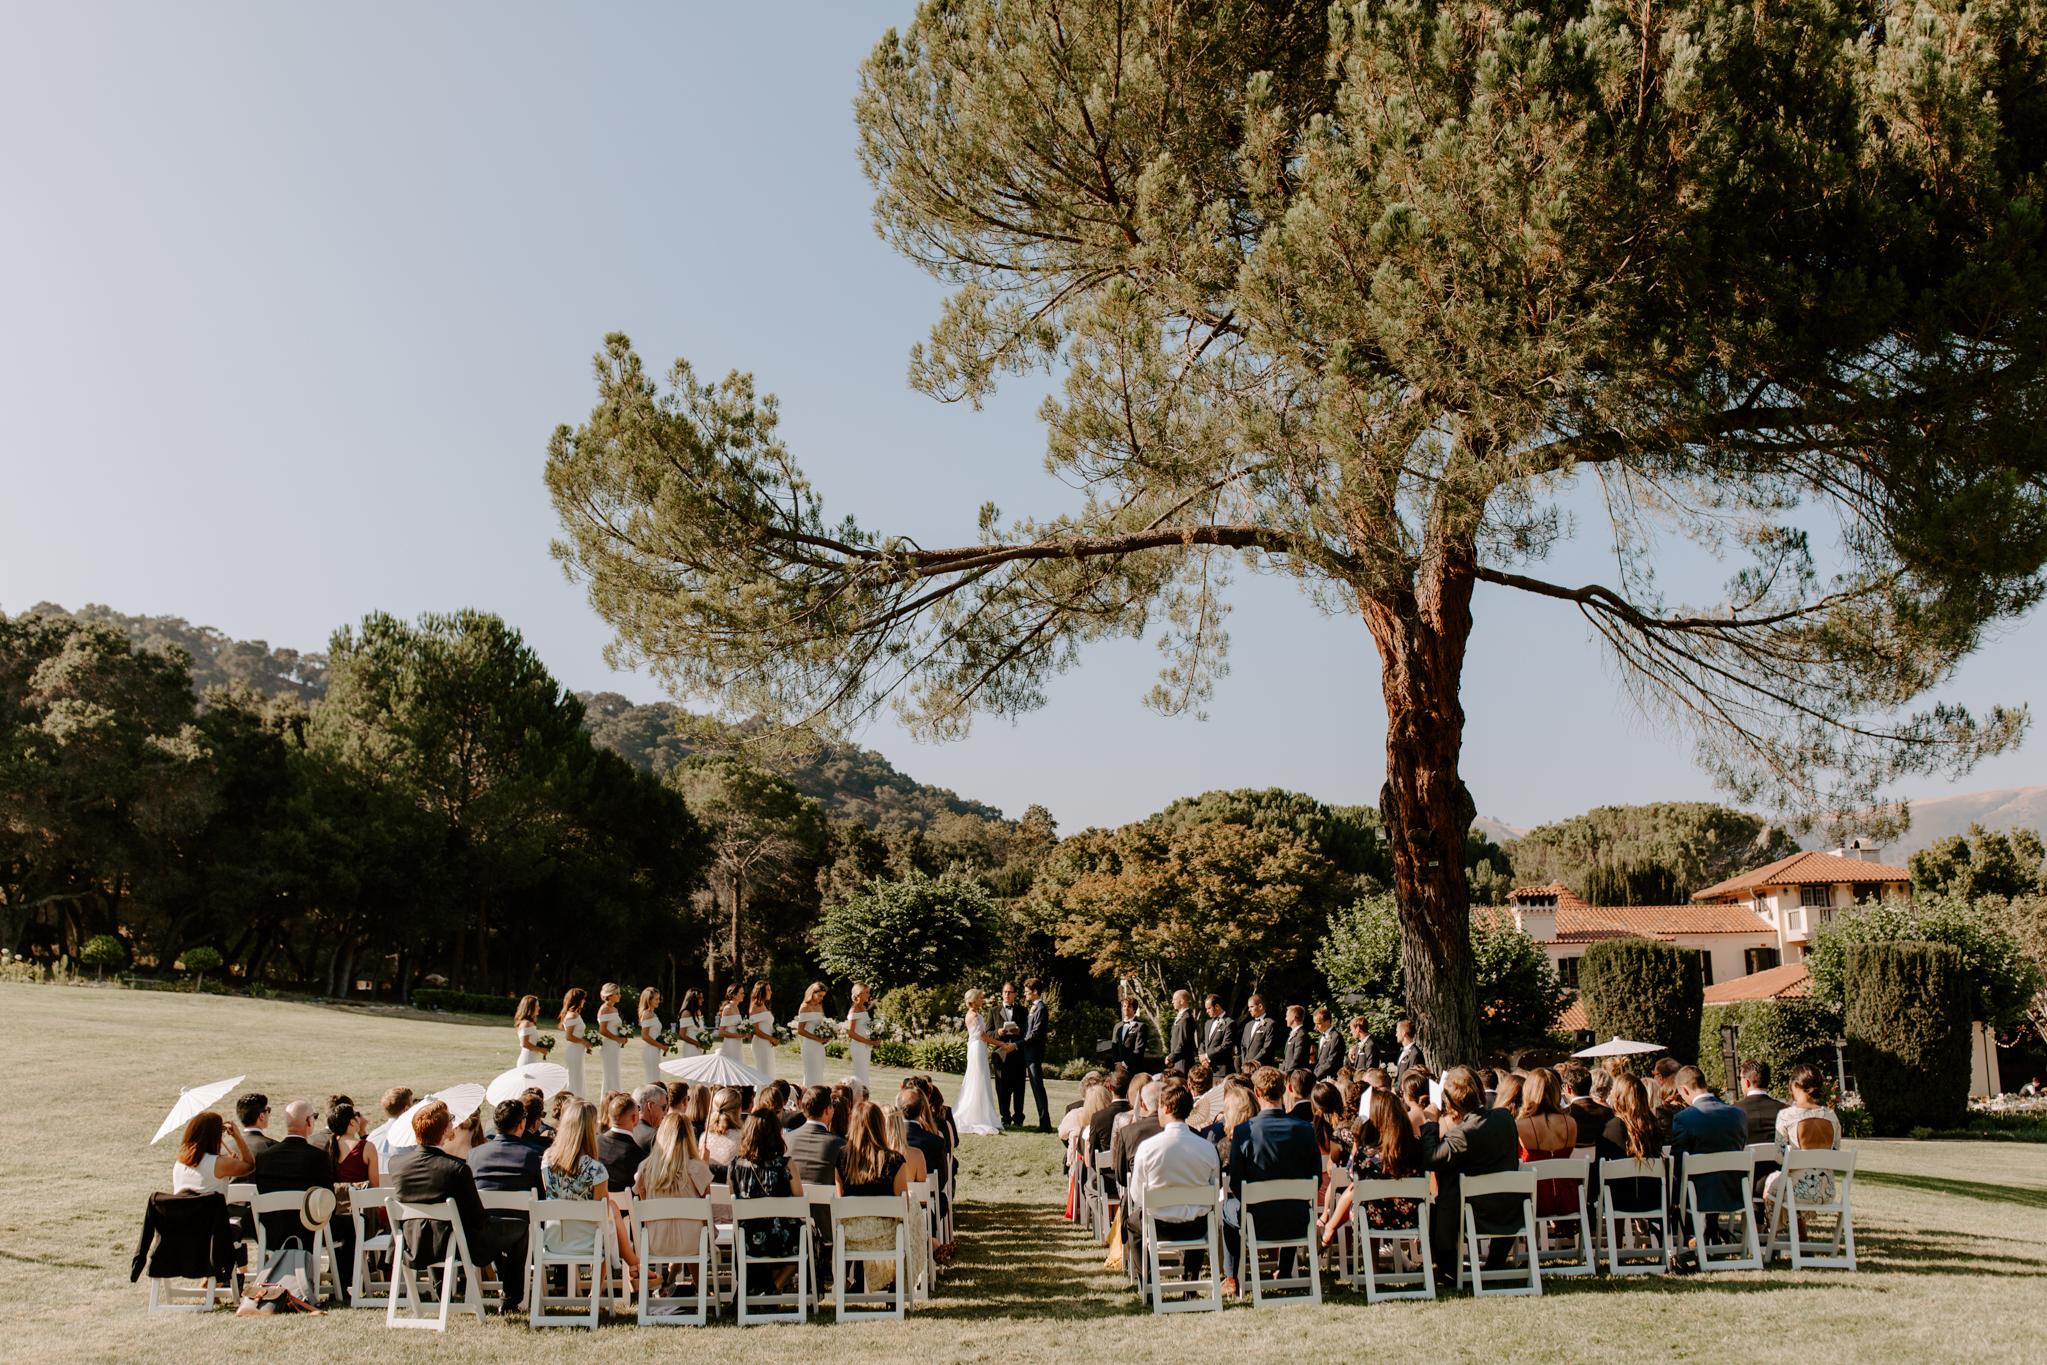 Jacob + molly - Carmel Valley, California Wedding